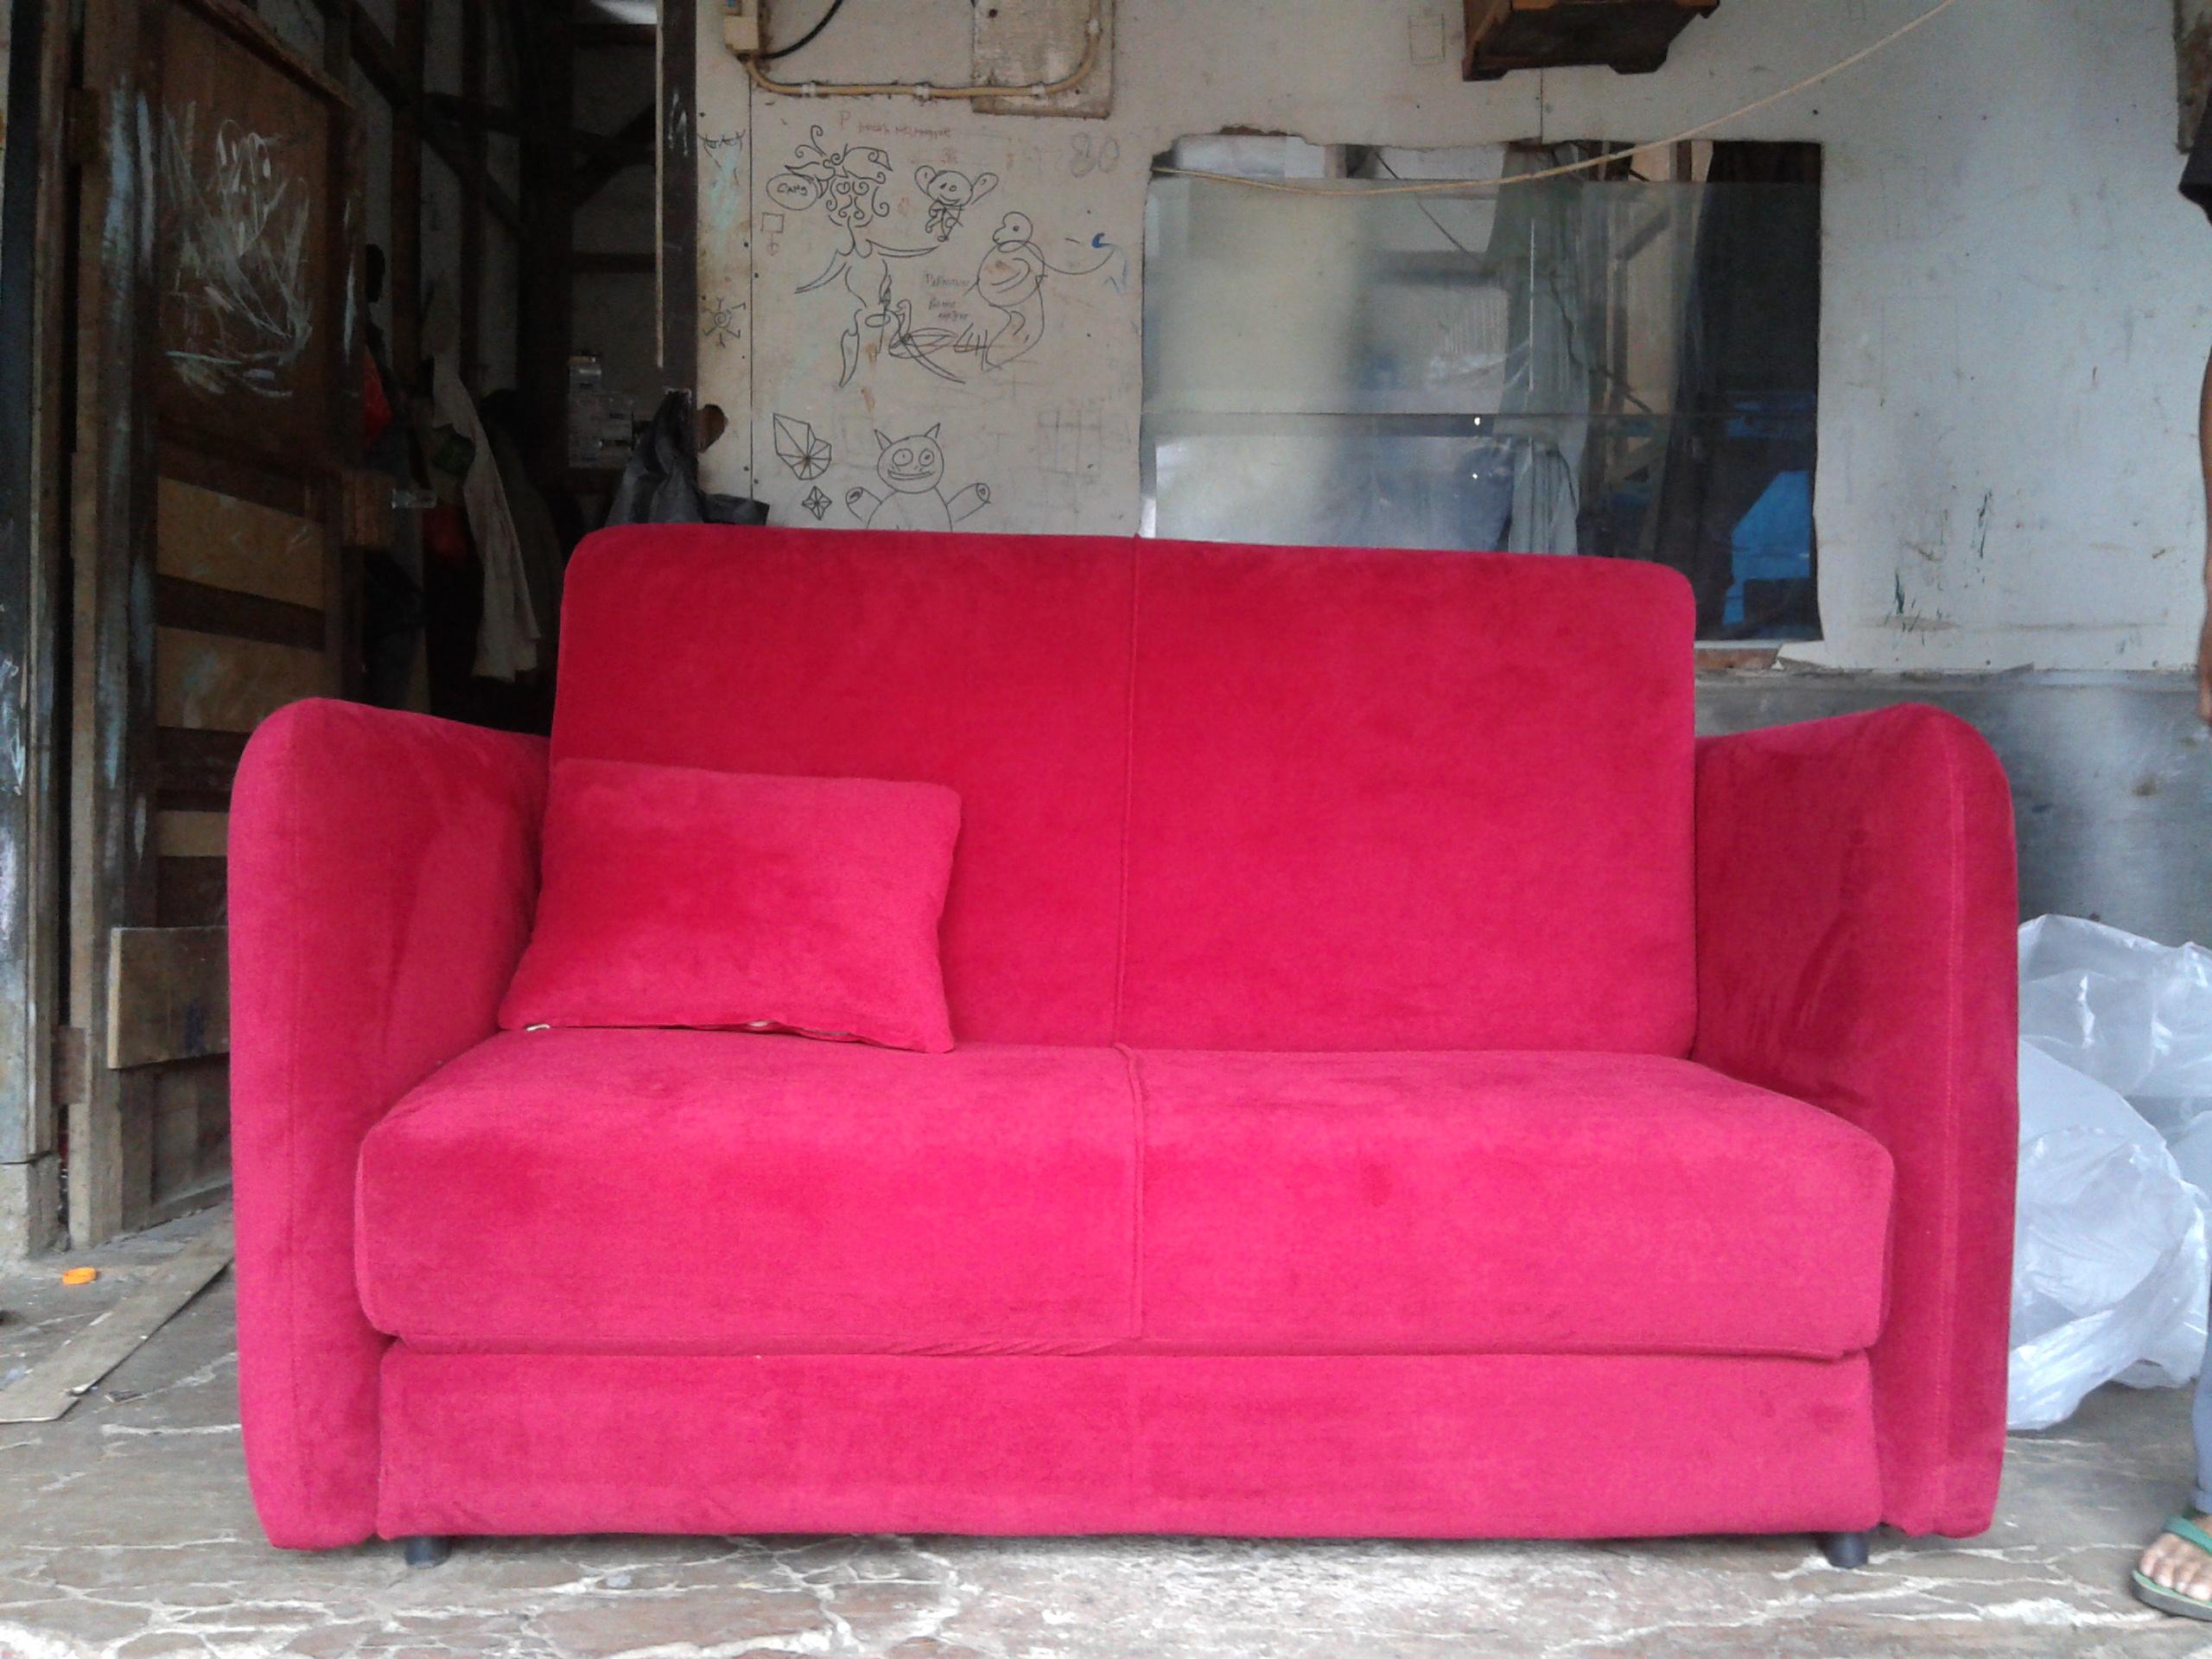 20130614 104225 SOFA BED AMORIST RED FERERRY MR. RIFTIZAS PROJECT (SBRZ0001)